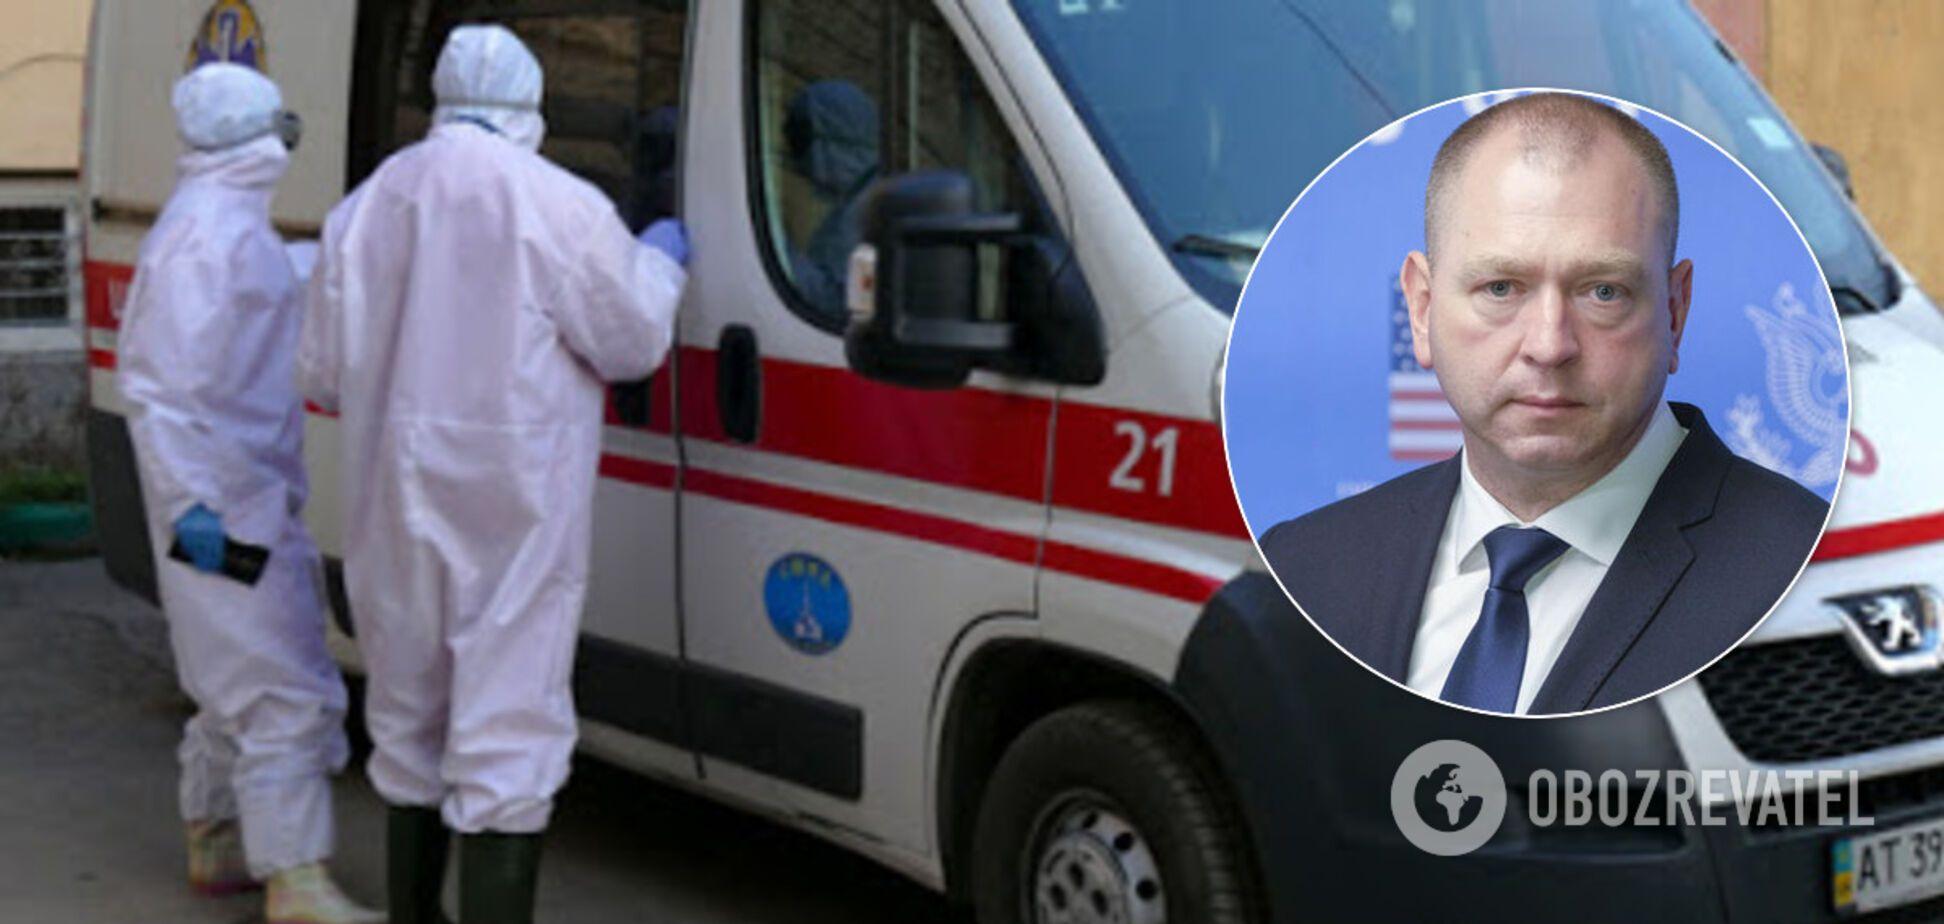 Глава Госпогранслужбы Украины госпитализирован с подозрением на коронавирус